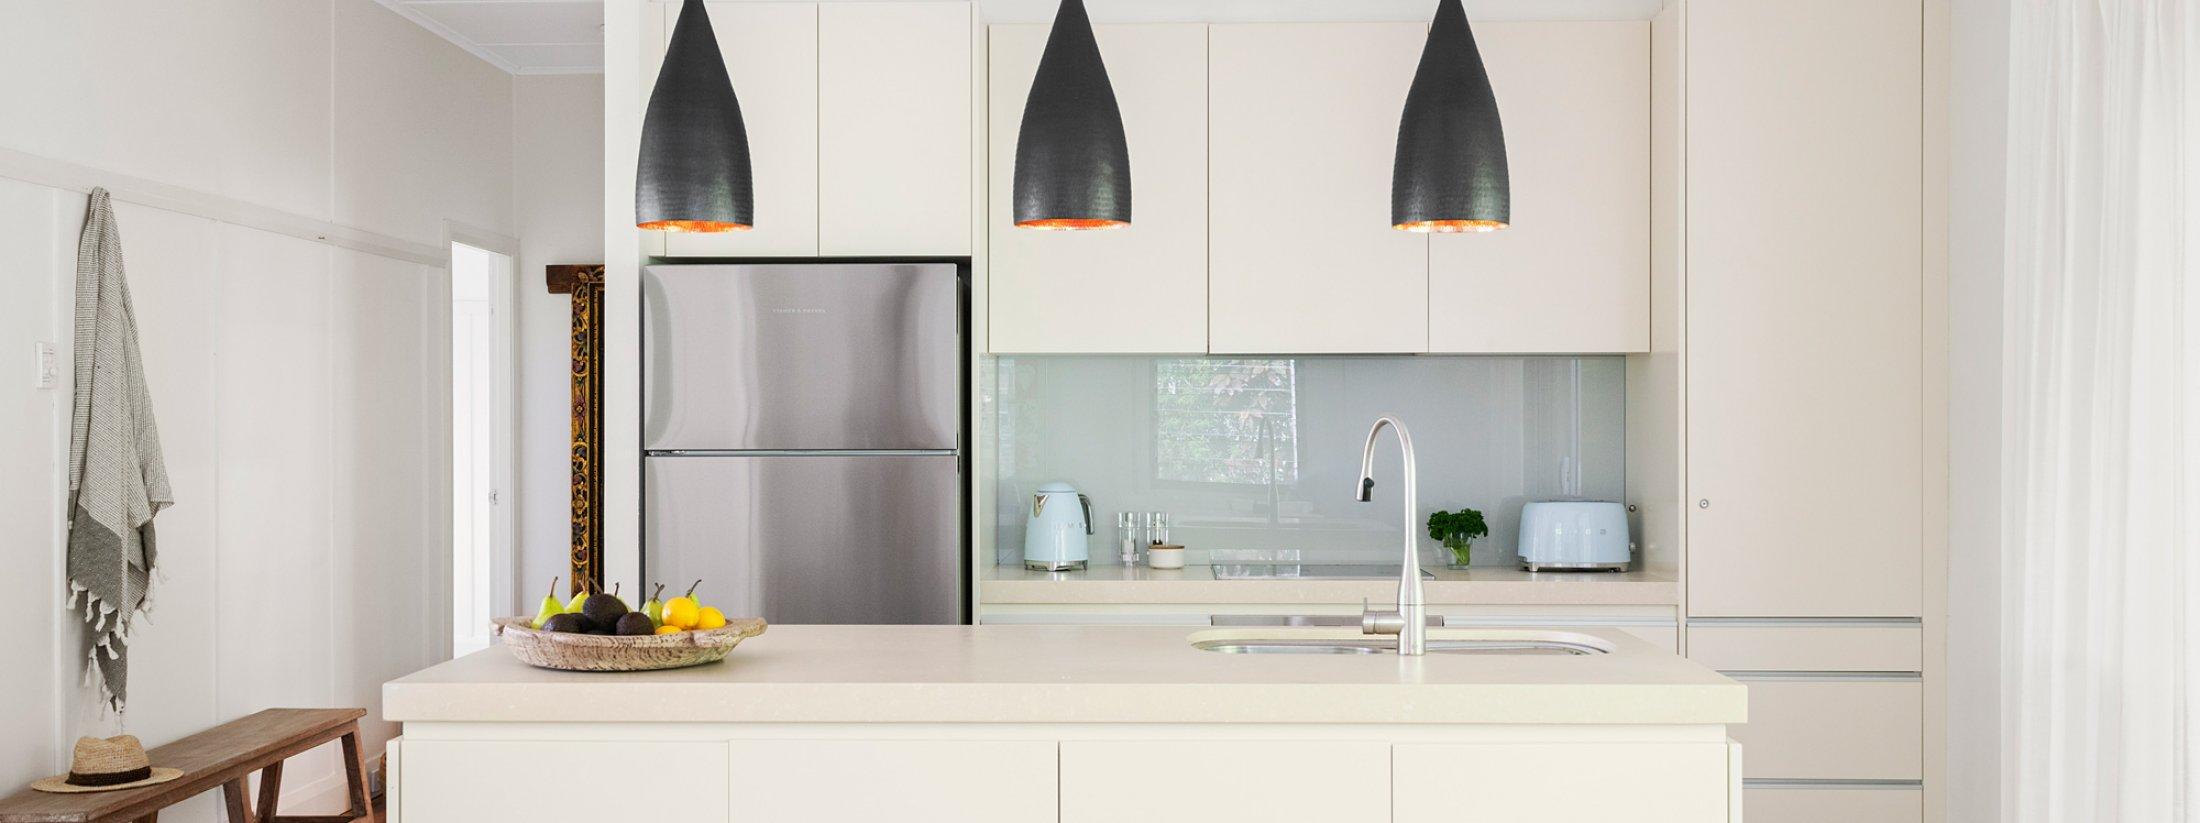 The White Rabbit - Byron Bay - Kitchen